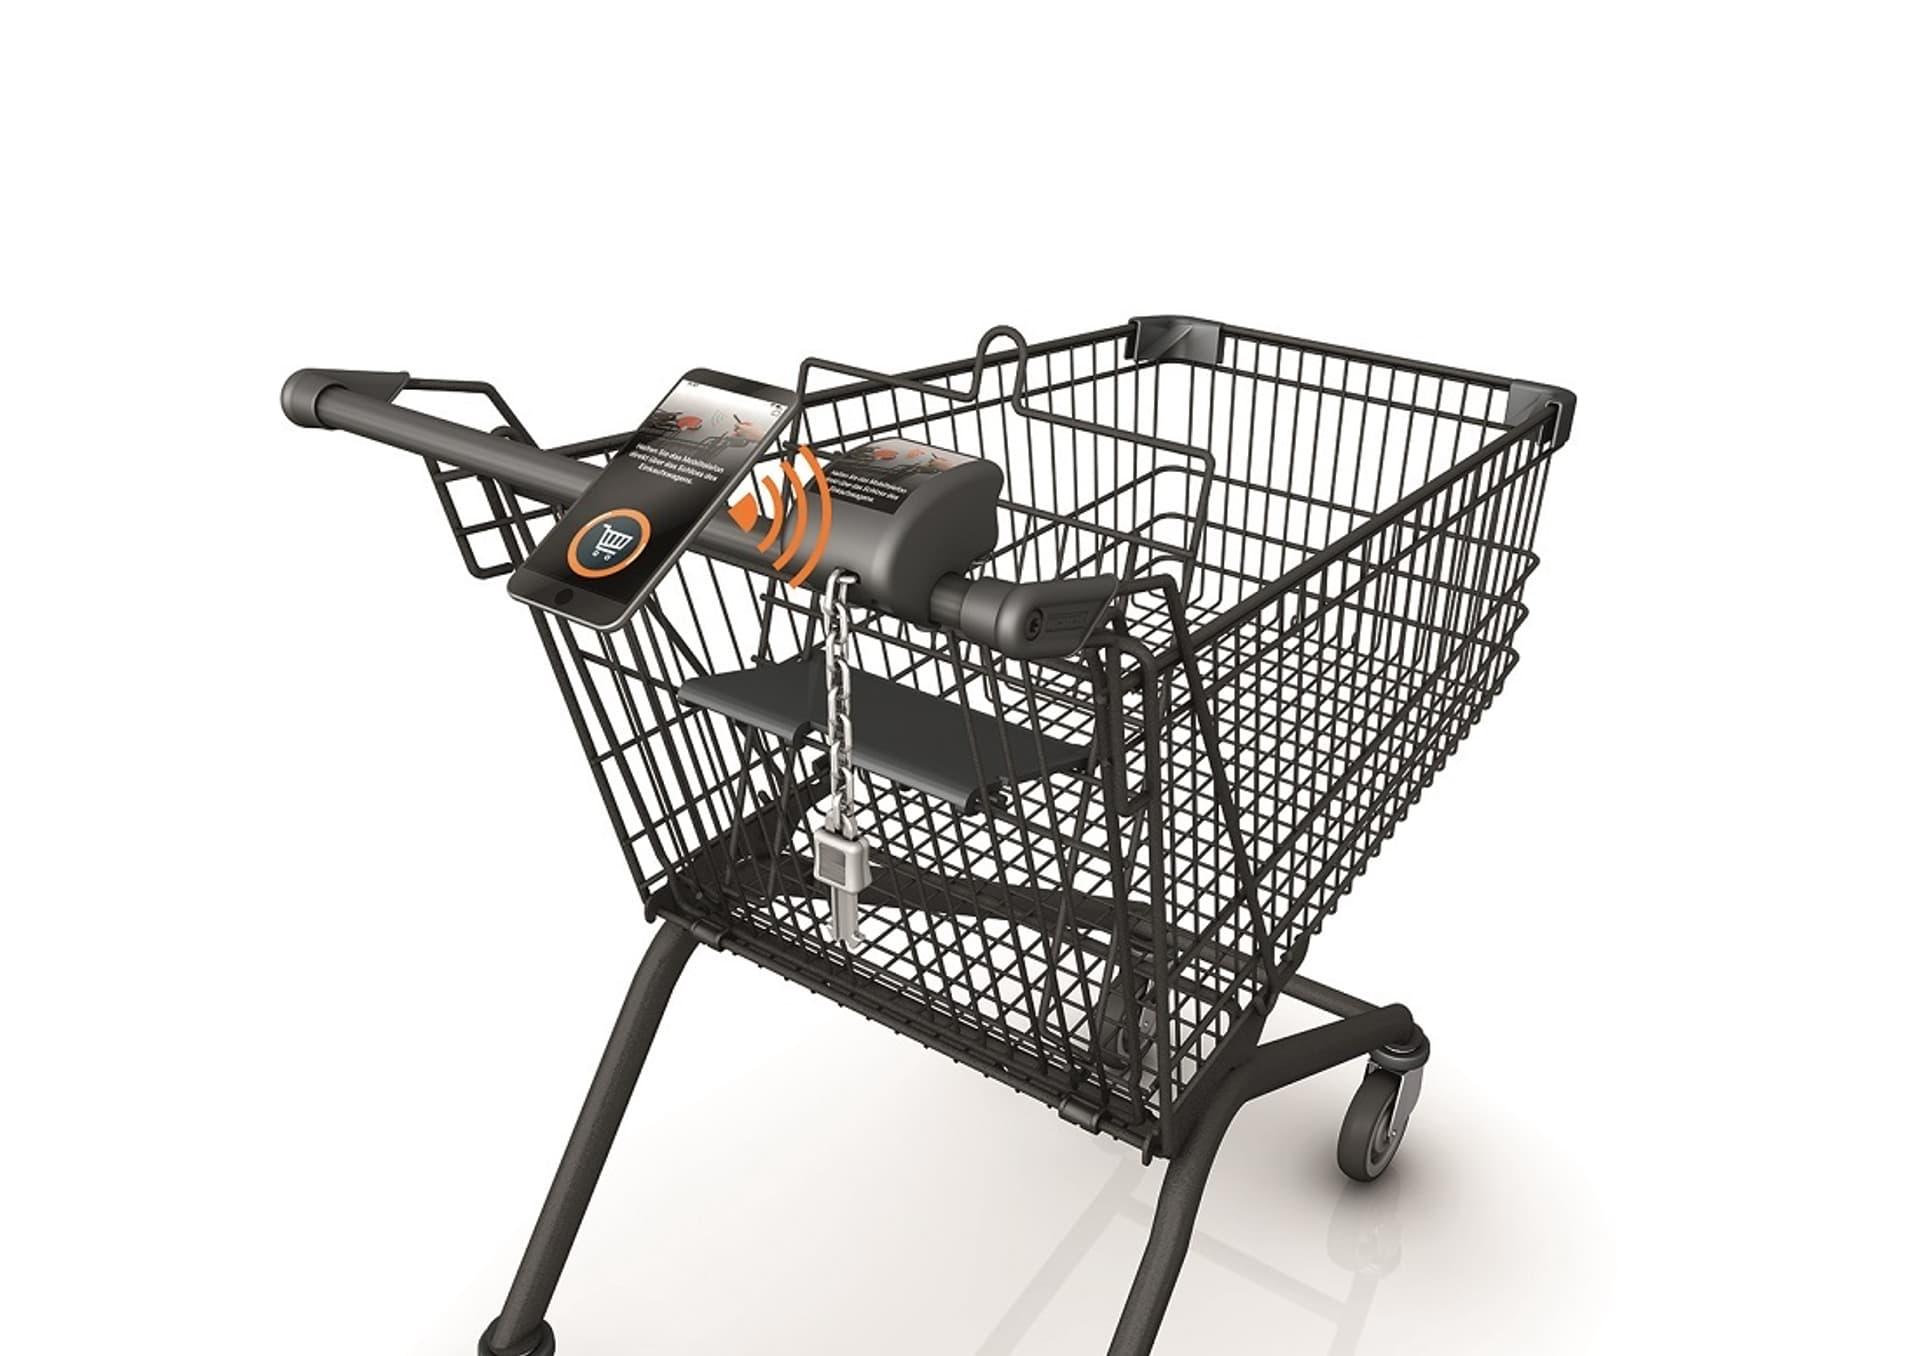 Entriegelung mit dem Handy: Digitalisierter Einkaufswagen